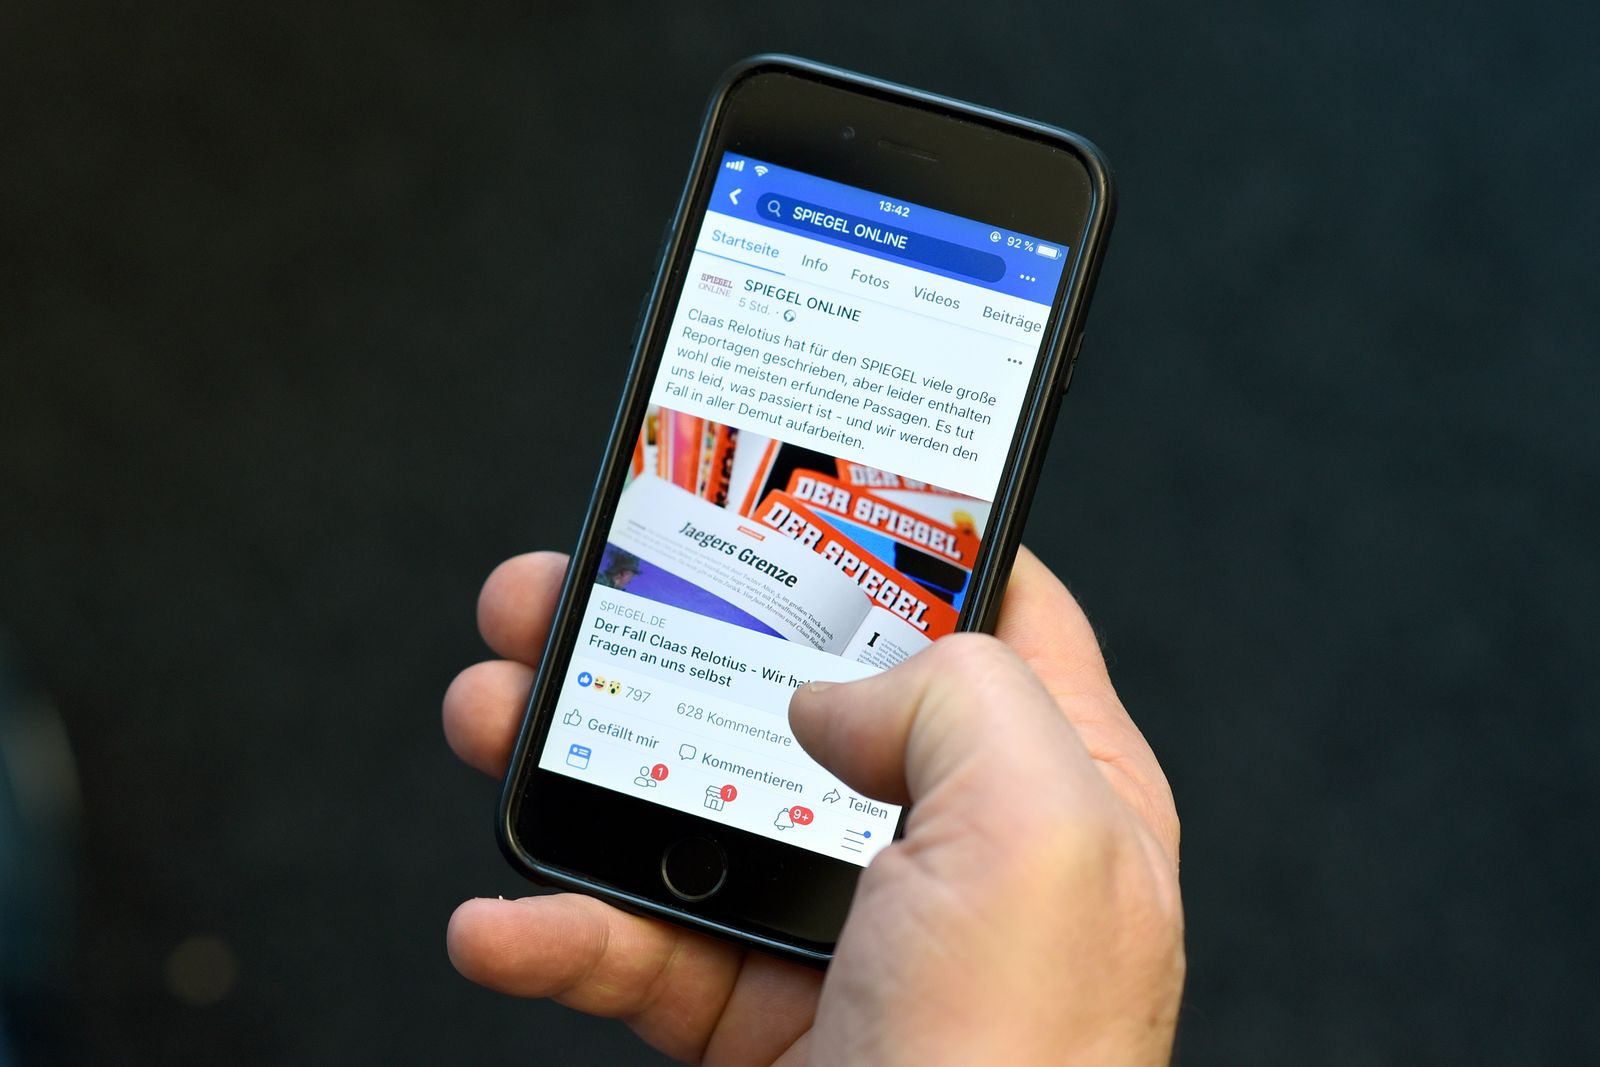 EINMALIGE VERWENDUNG Claas Relotius/ Social Media